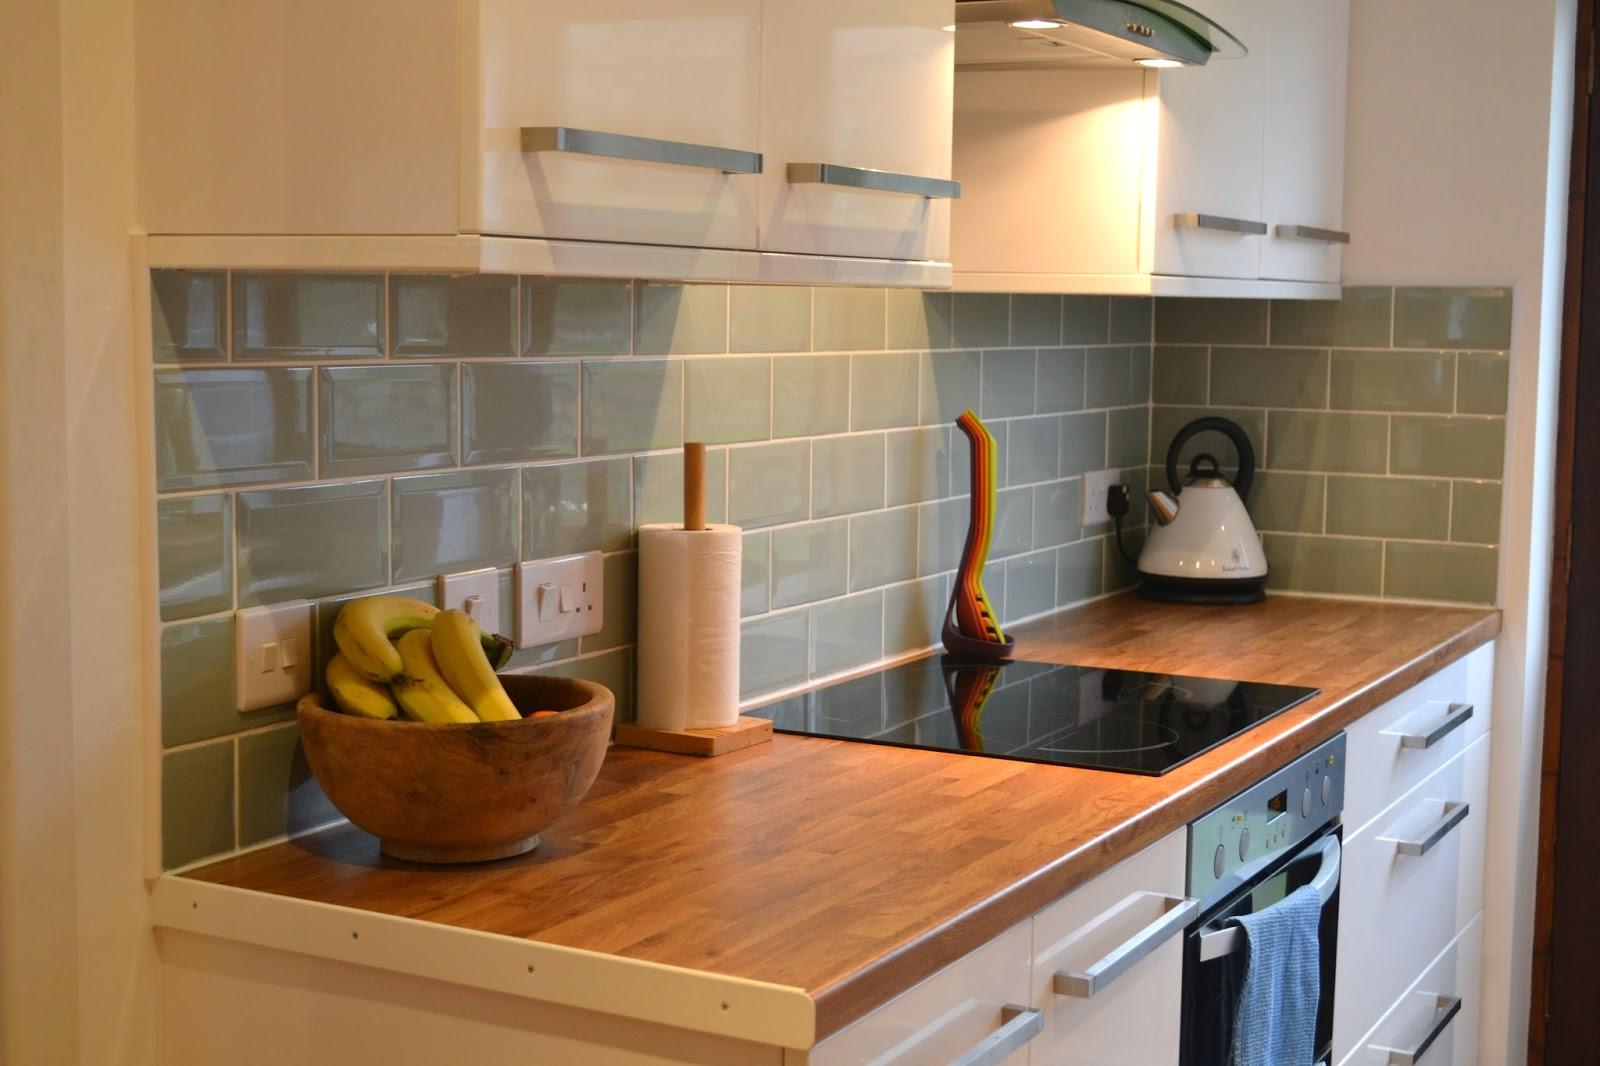 Ceiling Tiles Wickes 100 Porcelain Tiles For Bathroom White Porcelain Floor Tile Floor To